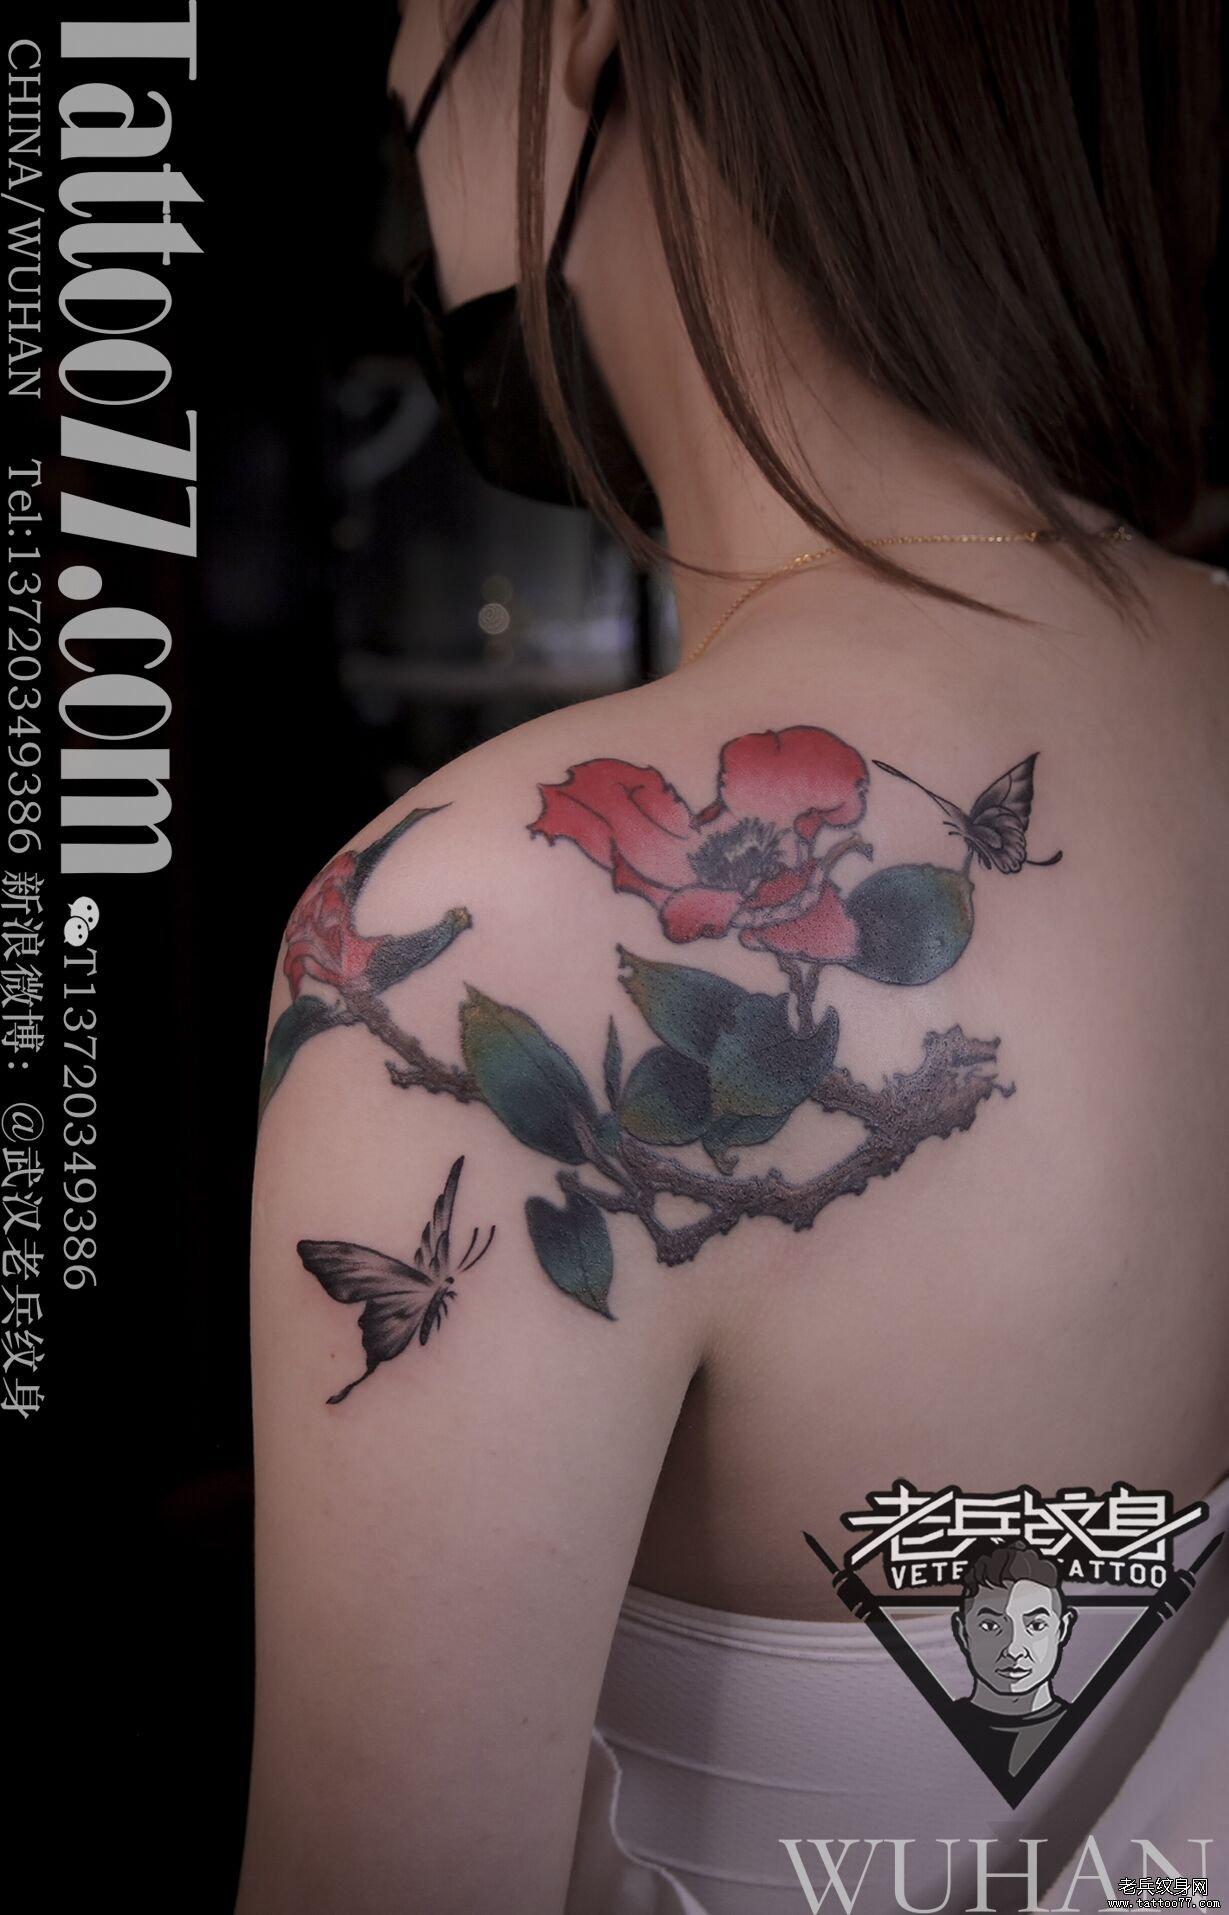 肩膀黑灰蝴蝶纹身添加作品(一)